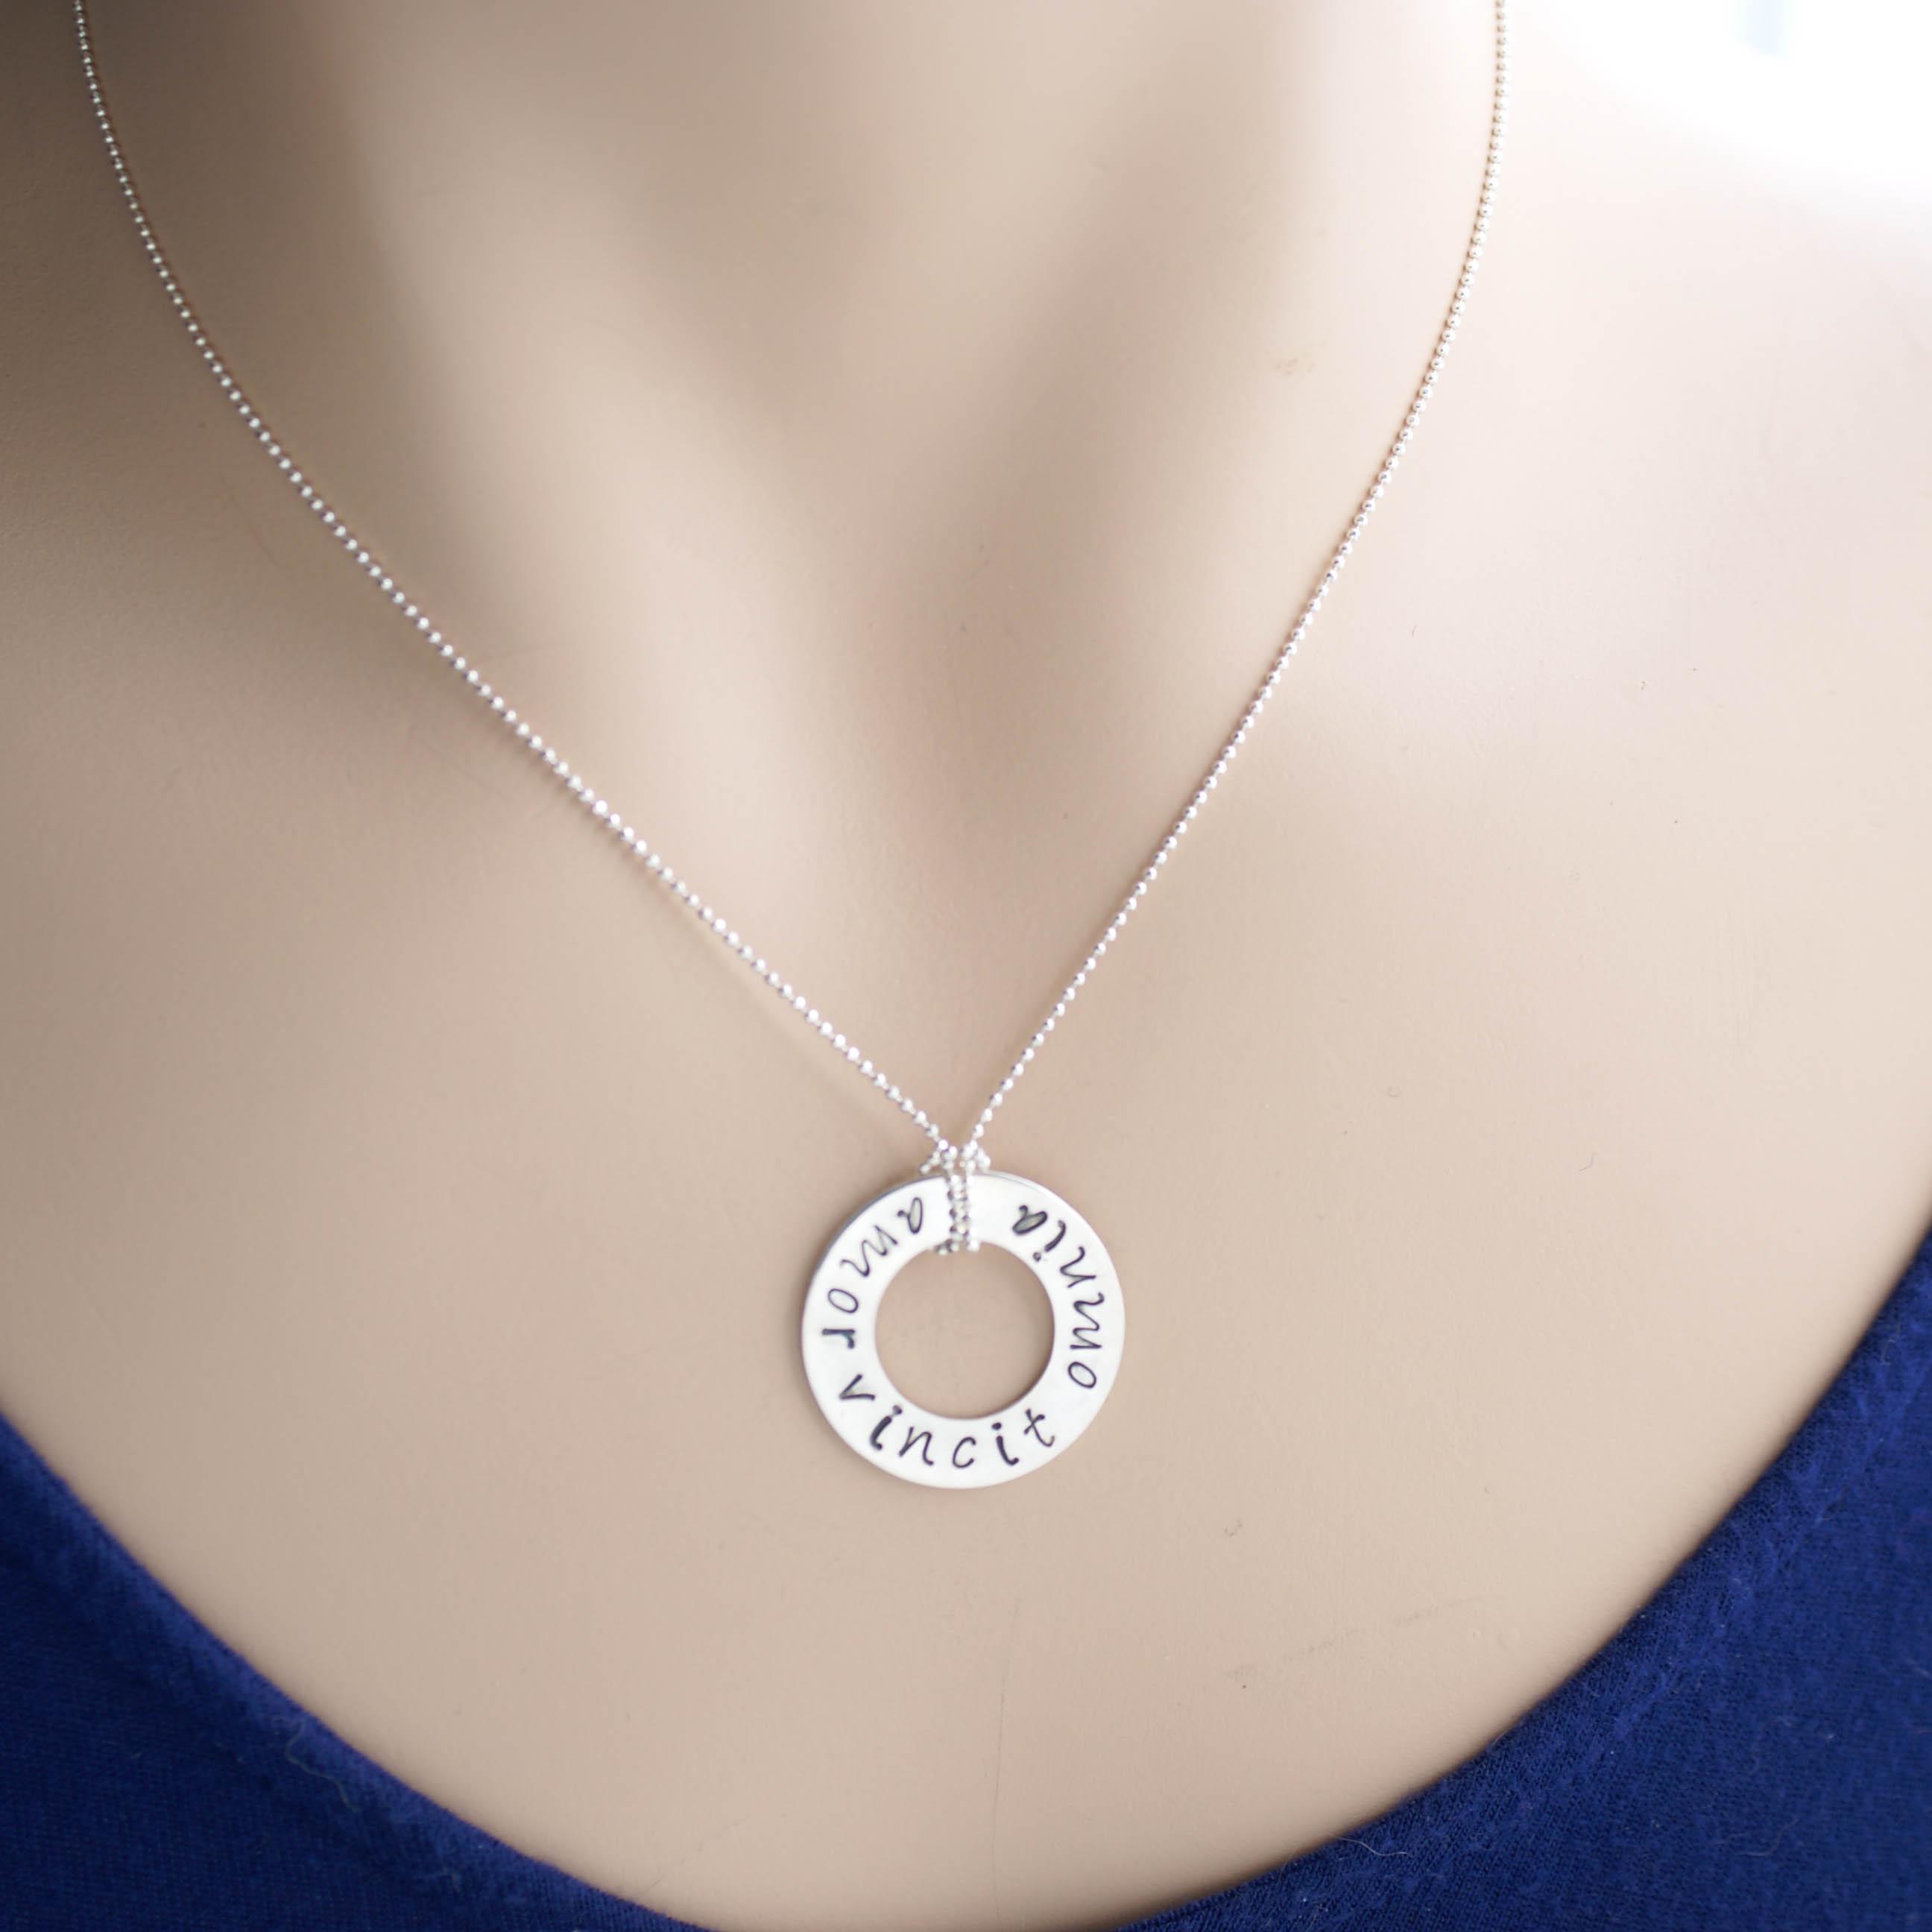 Amor Vincit Omnia Necklace